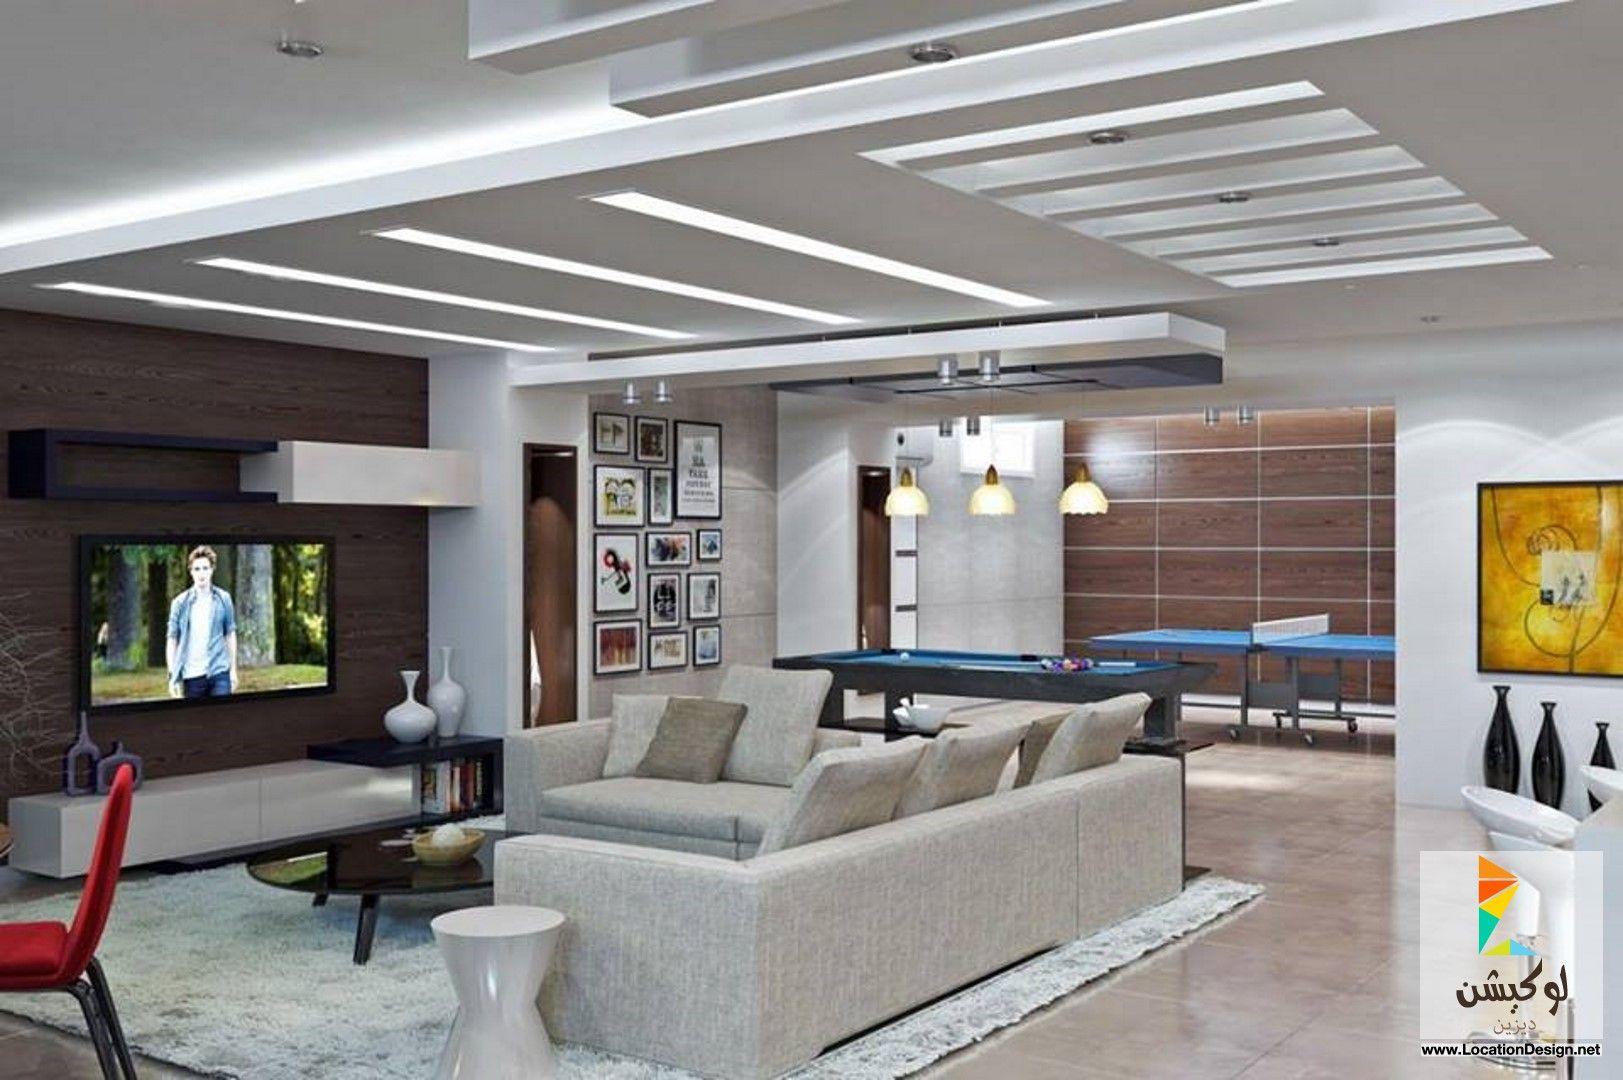 فورم جبس بورد ديكورات صالات استقبال الضيوف Interior Design Interior Architecture Home Decor